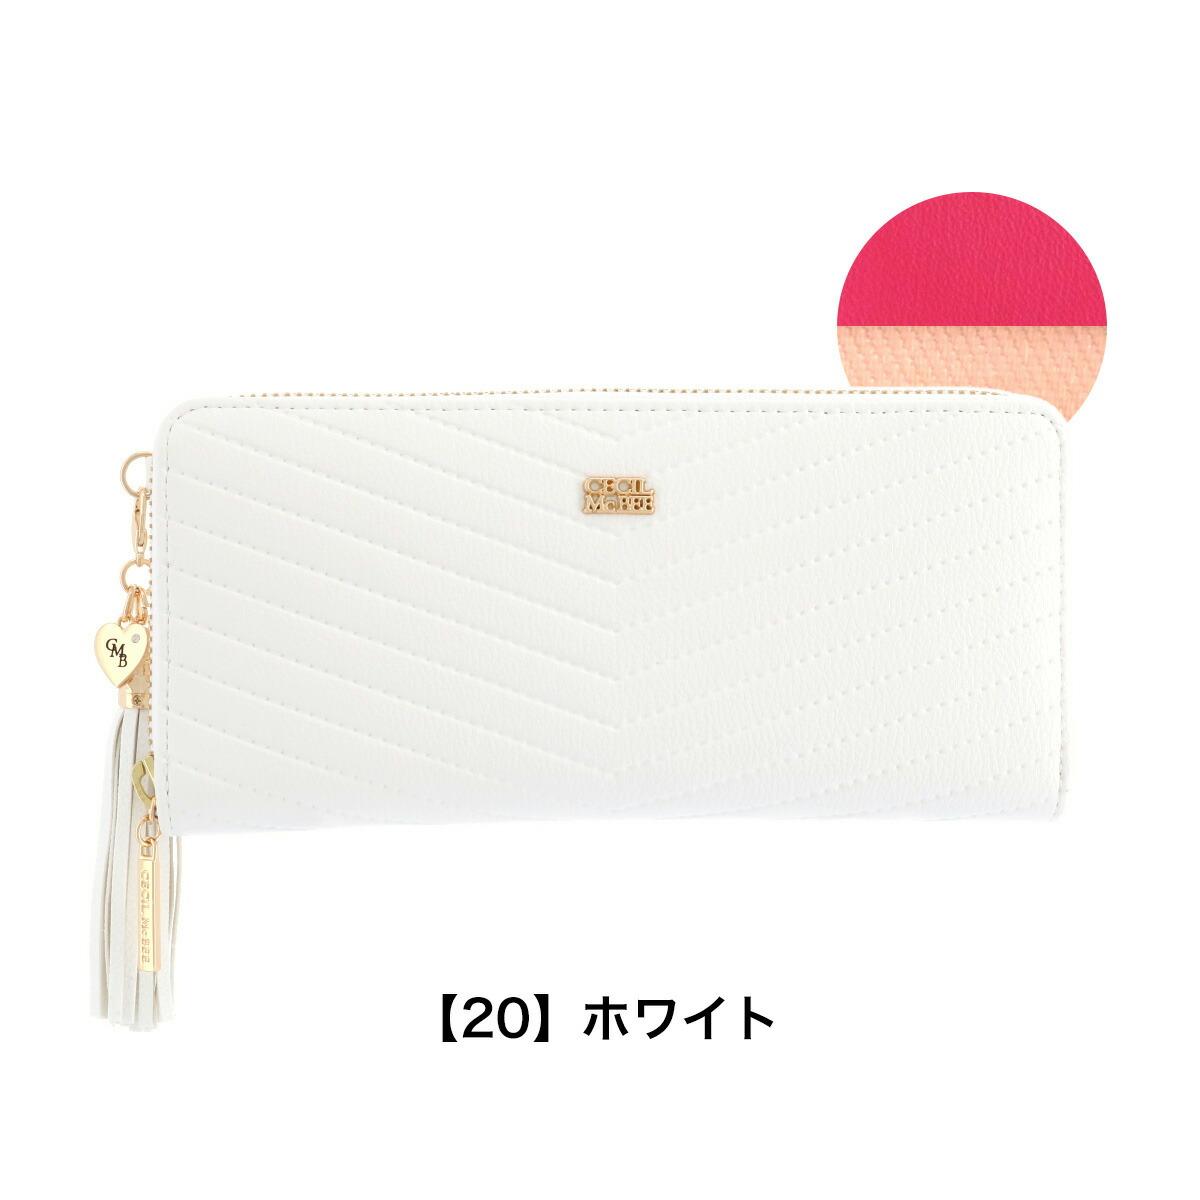 【20】ホワイト